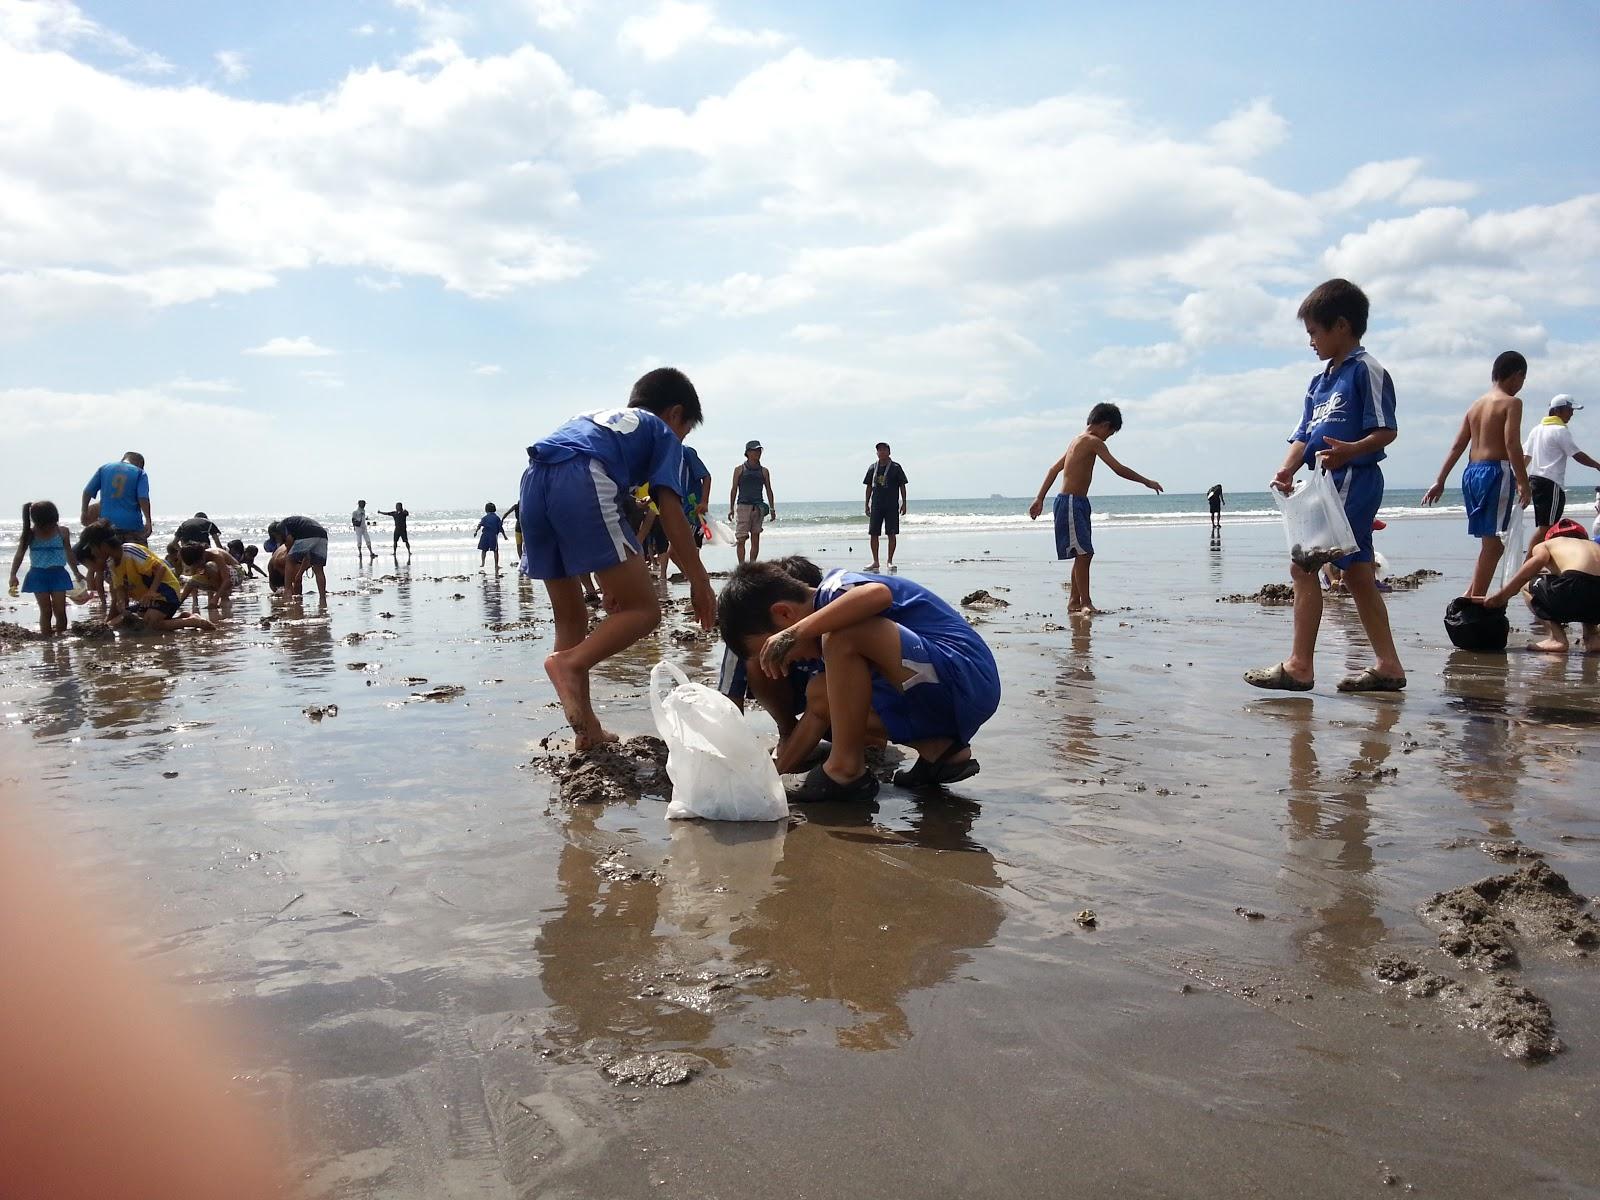 羽田で潮干狩り(海洋少年団親子レク) - たらちゃんのつぶやき